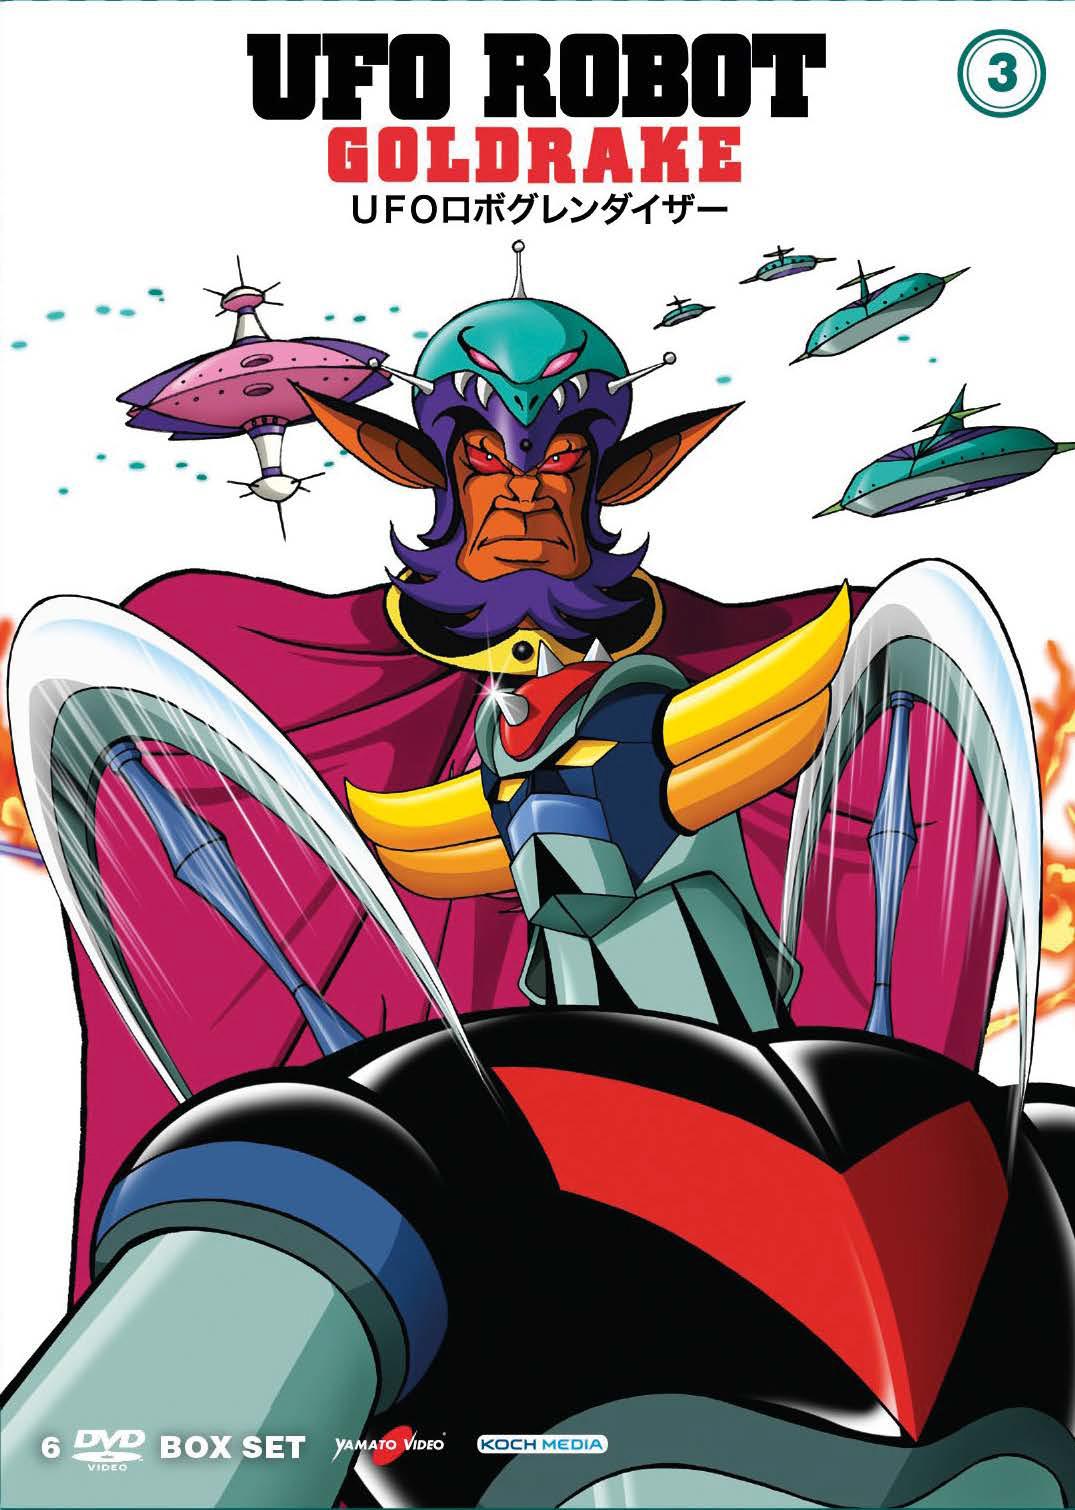 COF.UFO ROBOT GOLDRAKE #03 (6 DVD) (DVD)